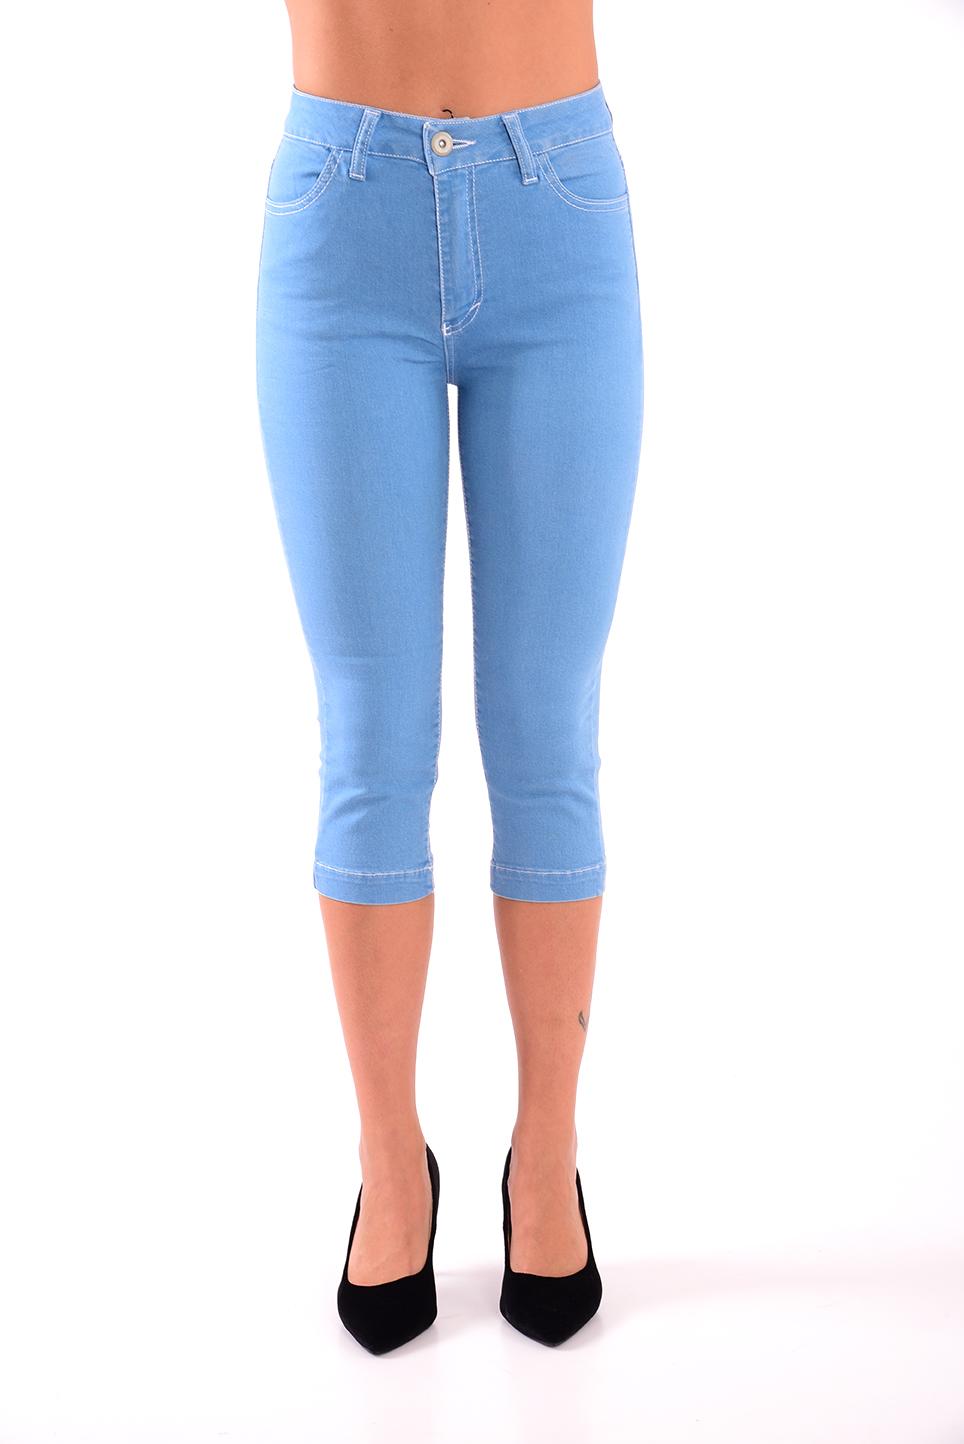 ג'ינס אנבל